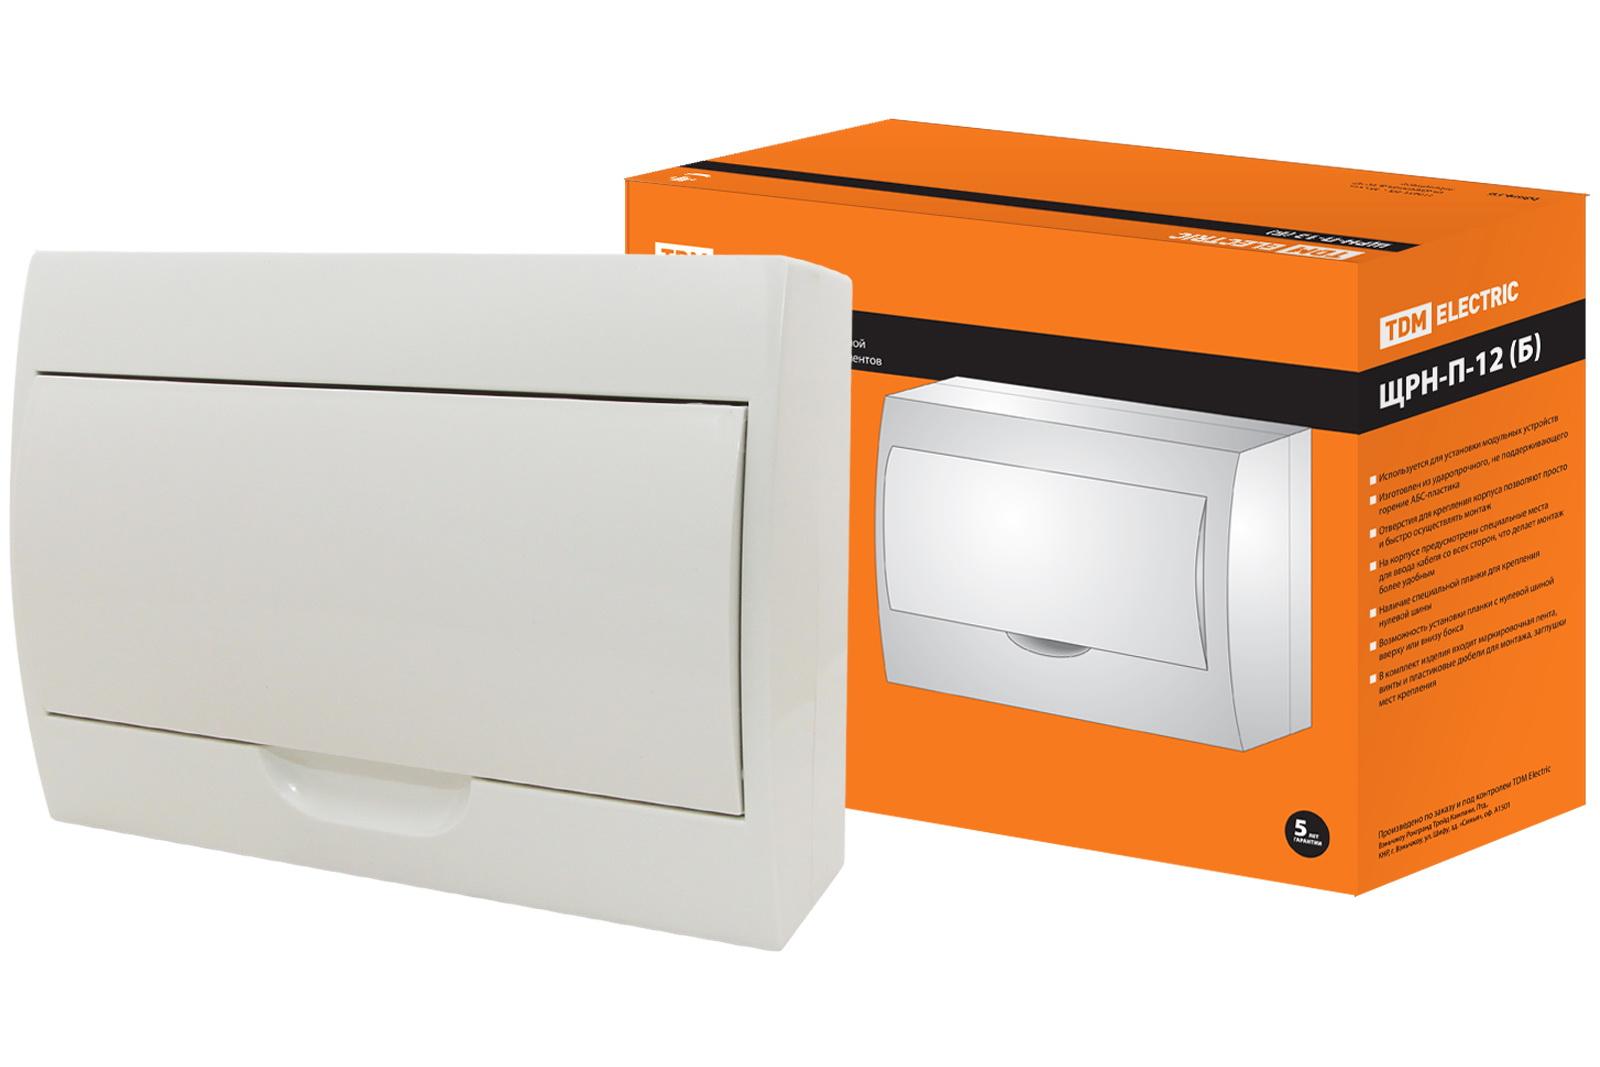 Бокс ТДМЩиты электрические, боксы<br>Тип: бокс,<br>Тип установки: навесной,<br>Материал: пластик,<br>Степень защиты от пыли и влаги: IP 41,<br>Использование: в помещении,<br>Высота: 200,<br>Ширина: 255,<br>Глубина: 95,<br>Напряжение: 240/415,<br>Замок: есть,<br>Клеммник: есть,<br>DIN рейка: одна,<br>Количество модулей: 12,<br>Клеммные блоки N (PE): 8x10 кв.мм (2 шт 4x10 кв.мм),<br>Максимальный ток: 125,<br>Рабочая температура: от -15 до +60<br>